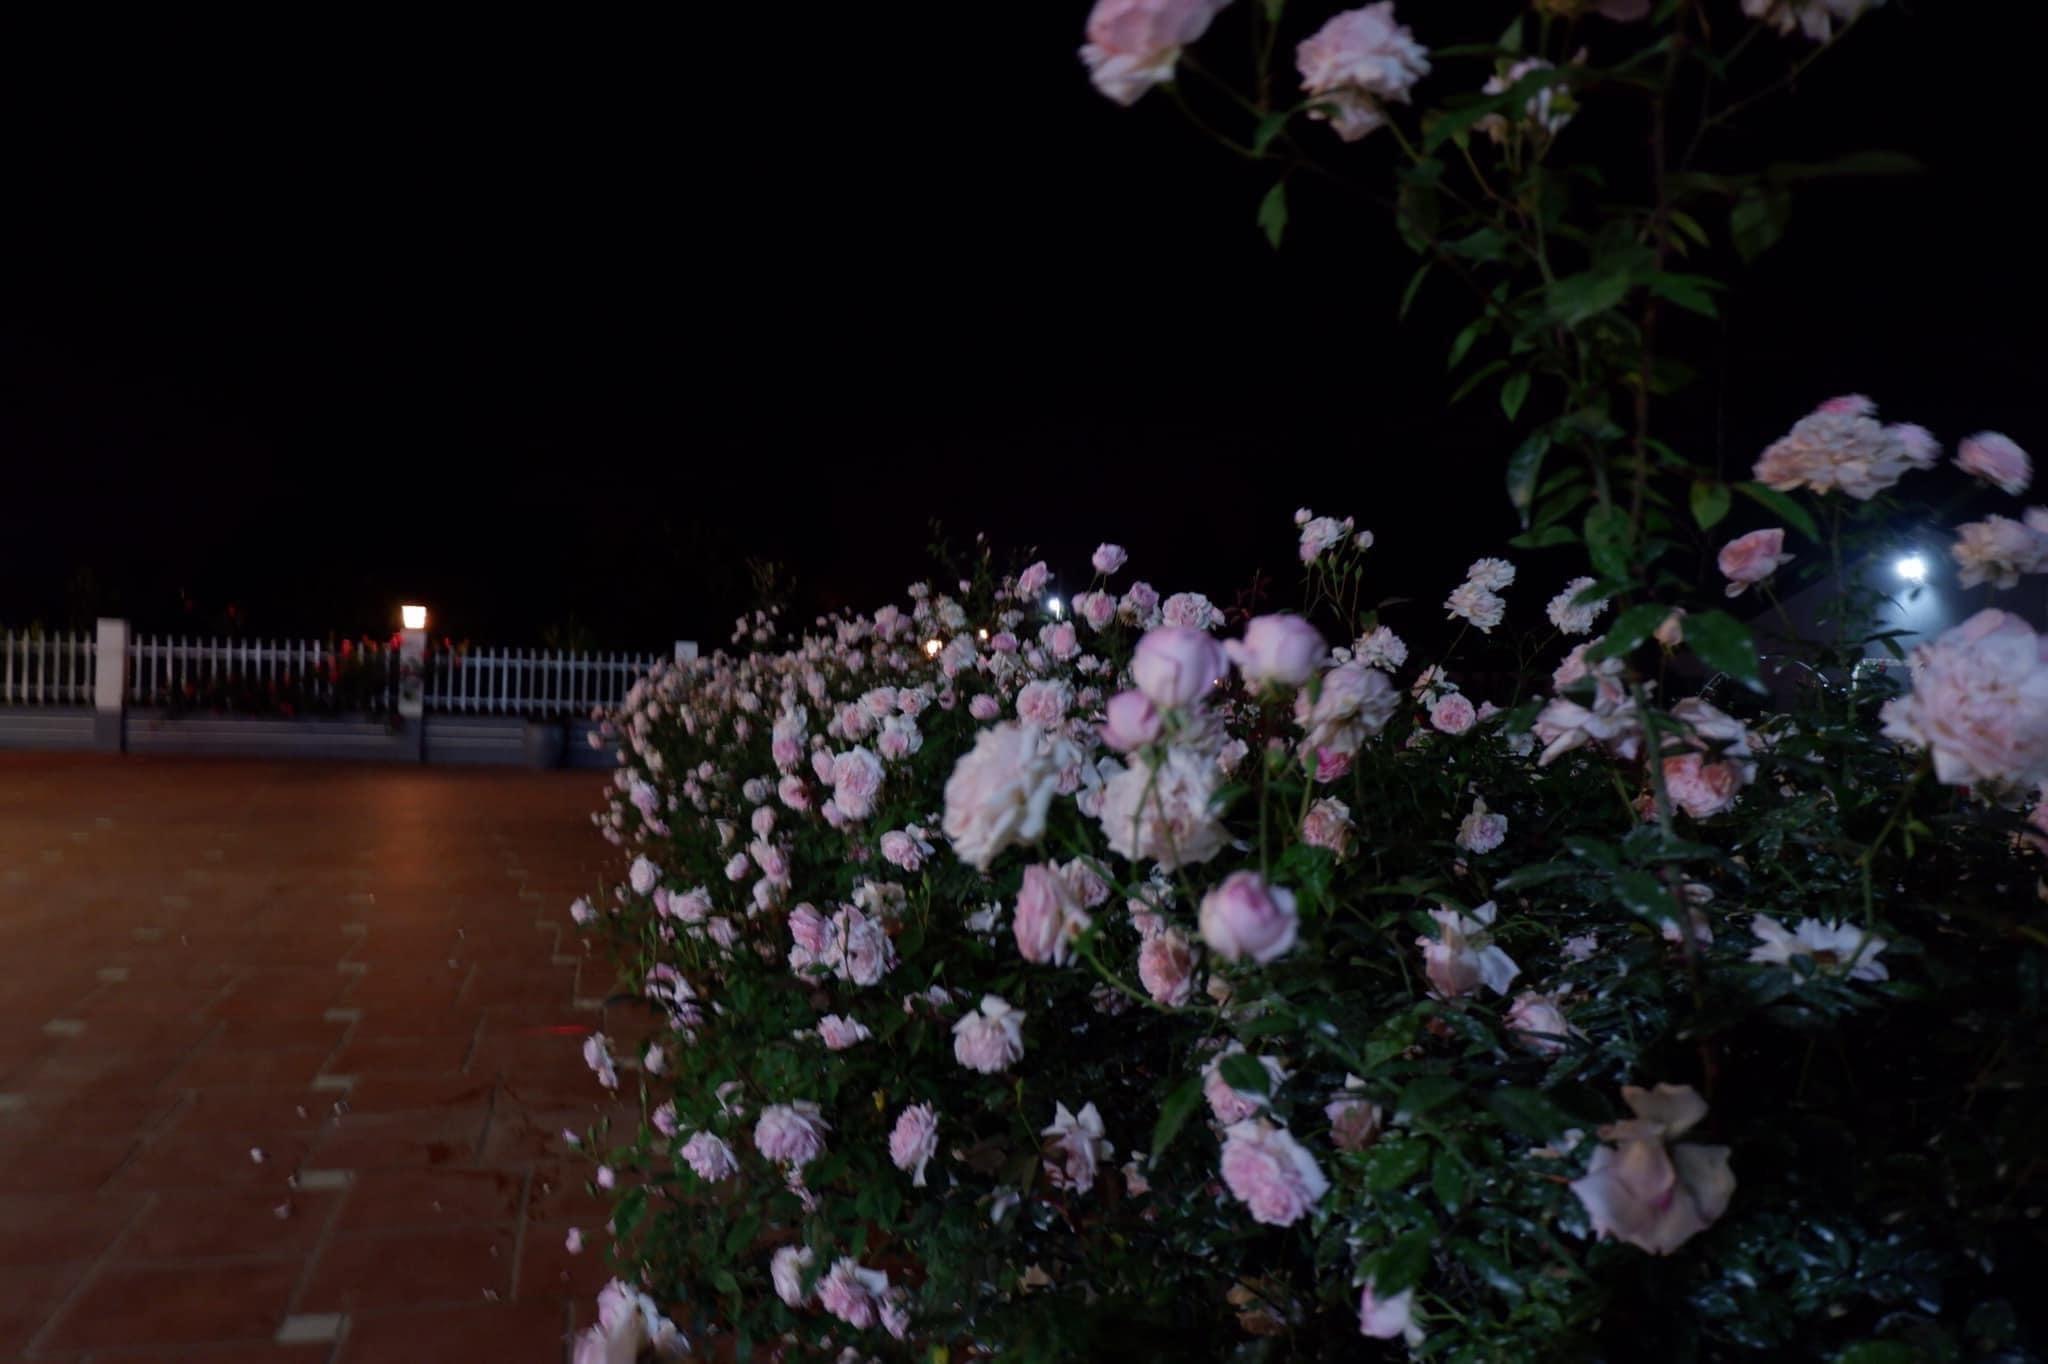 Biệt thự xây kiểu mái Thái độc đáo, ngập hoa trên mảnh đất rộng 10.000m2